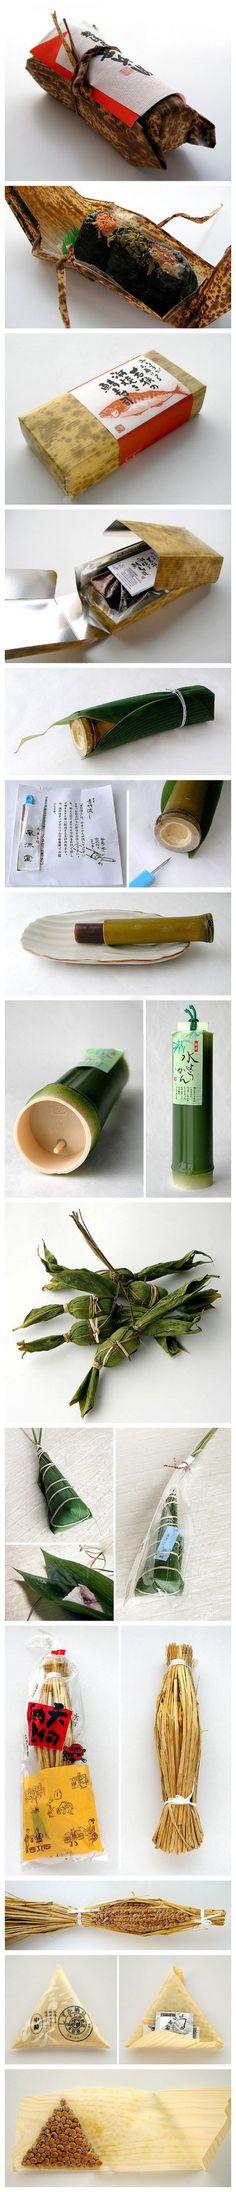 材料 lovely simple #packaging #branding #marketing PD